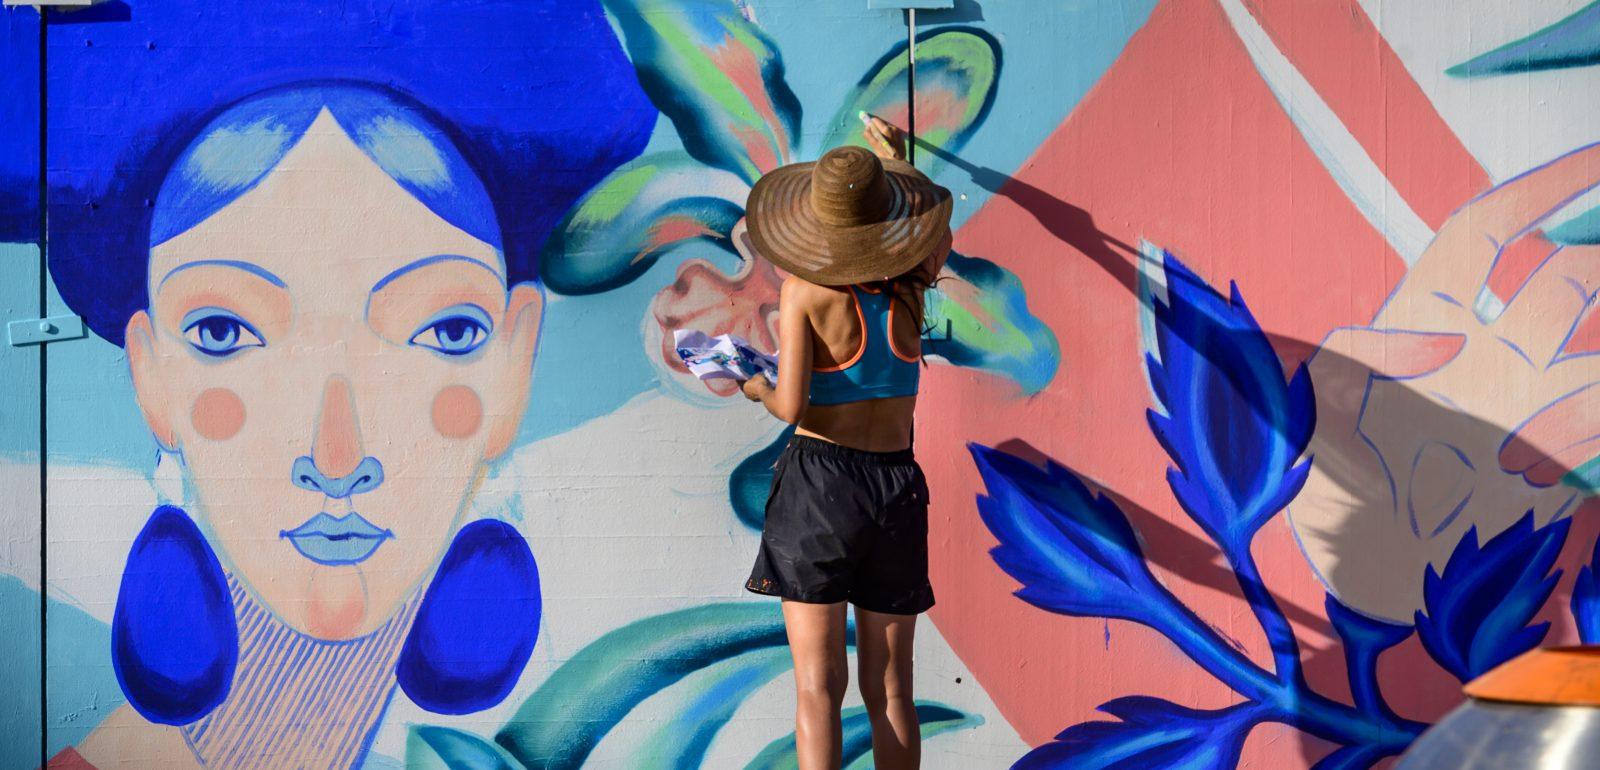 Zehn Künstlerinnen und Künstler verwandeln den Berliner Alexanderplatz in eine Street-Art-Galerie